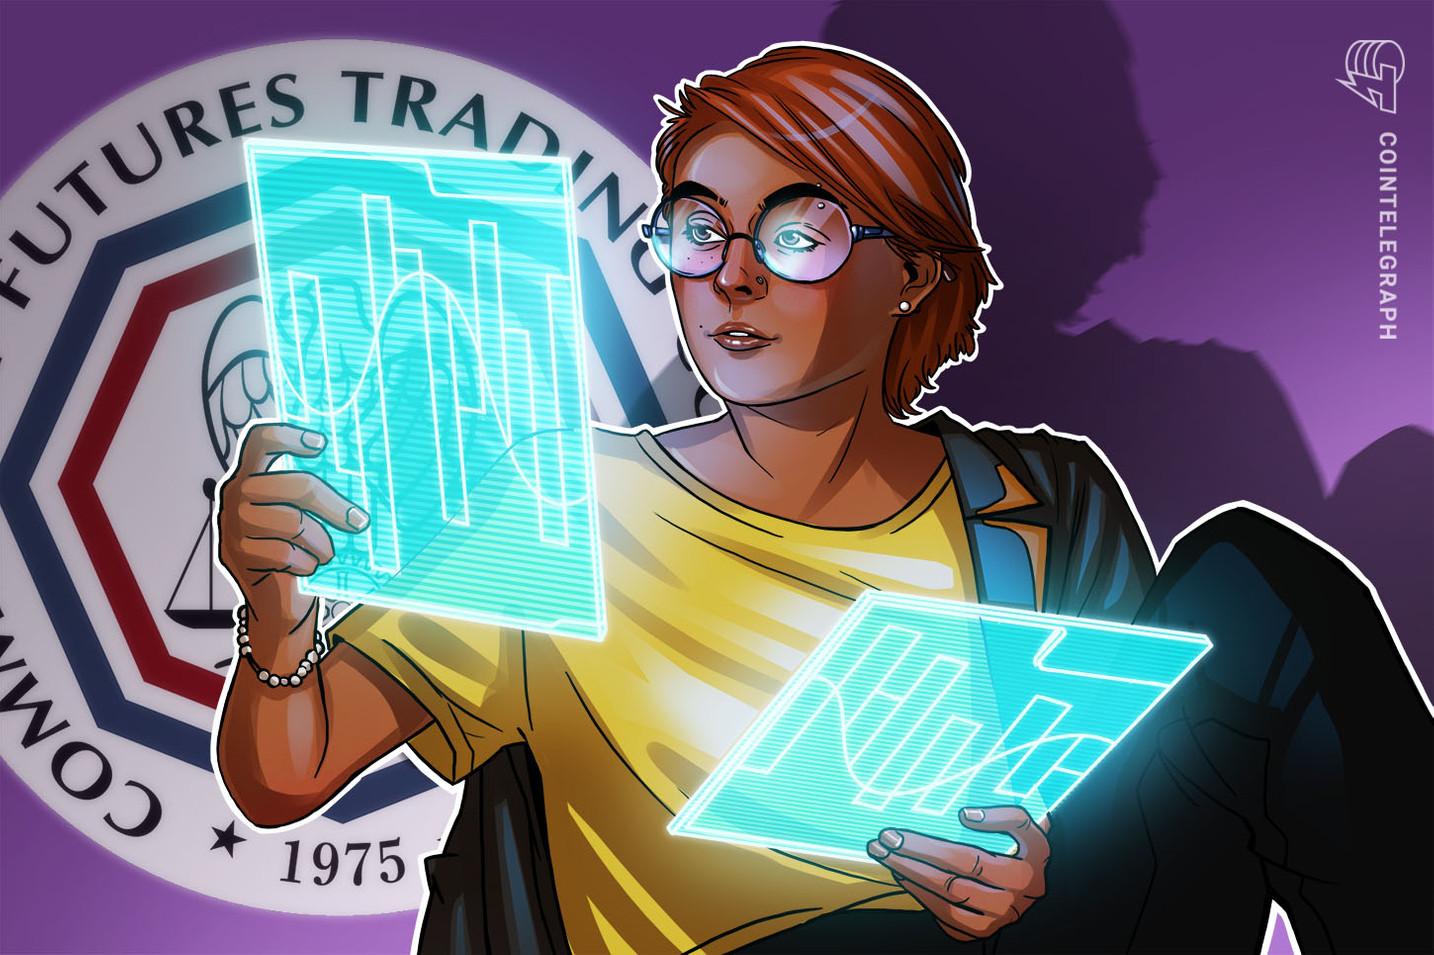 La CFTC acusa al jefe del servicio de criptoretiros de un fraude de Bitcoin por un valor de USD 7 millones